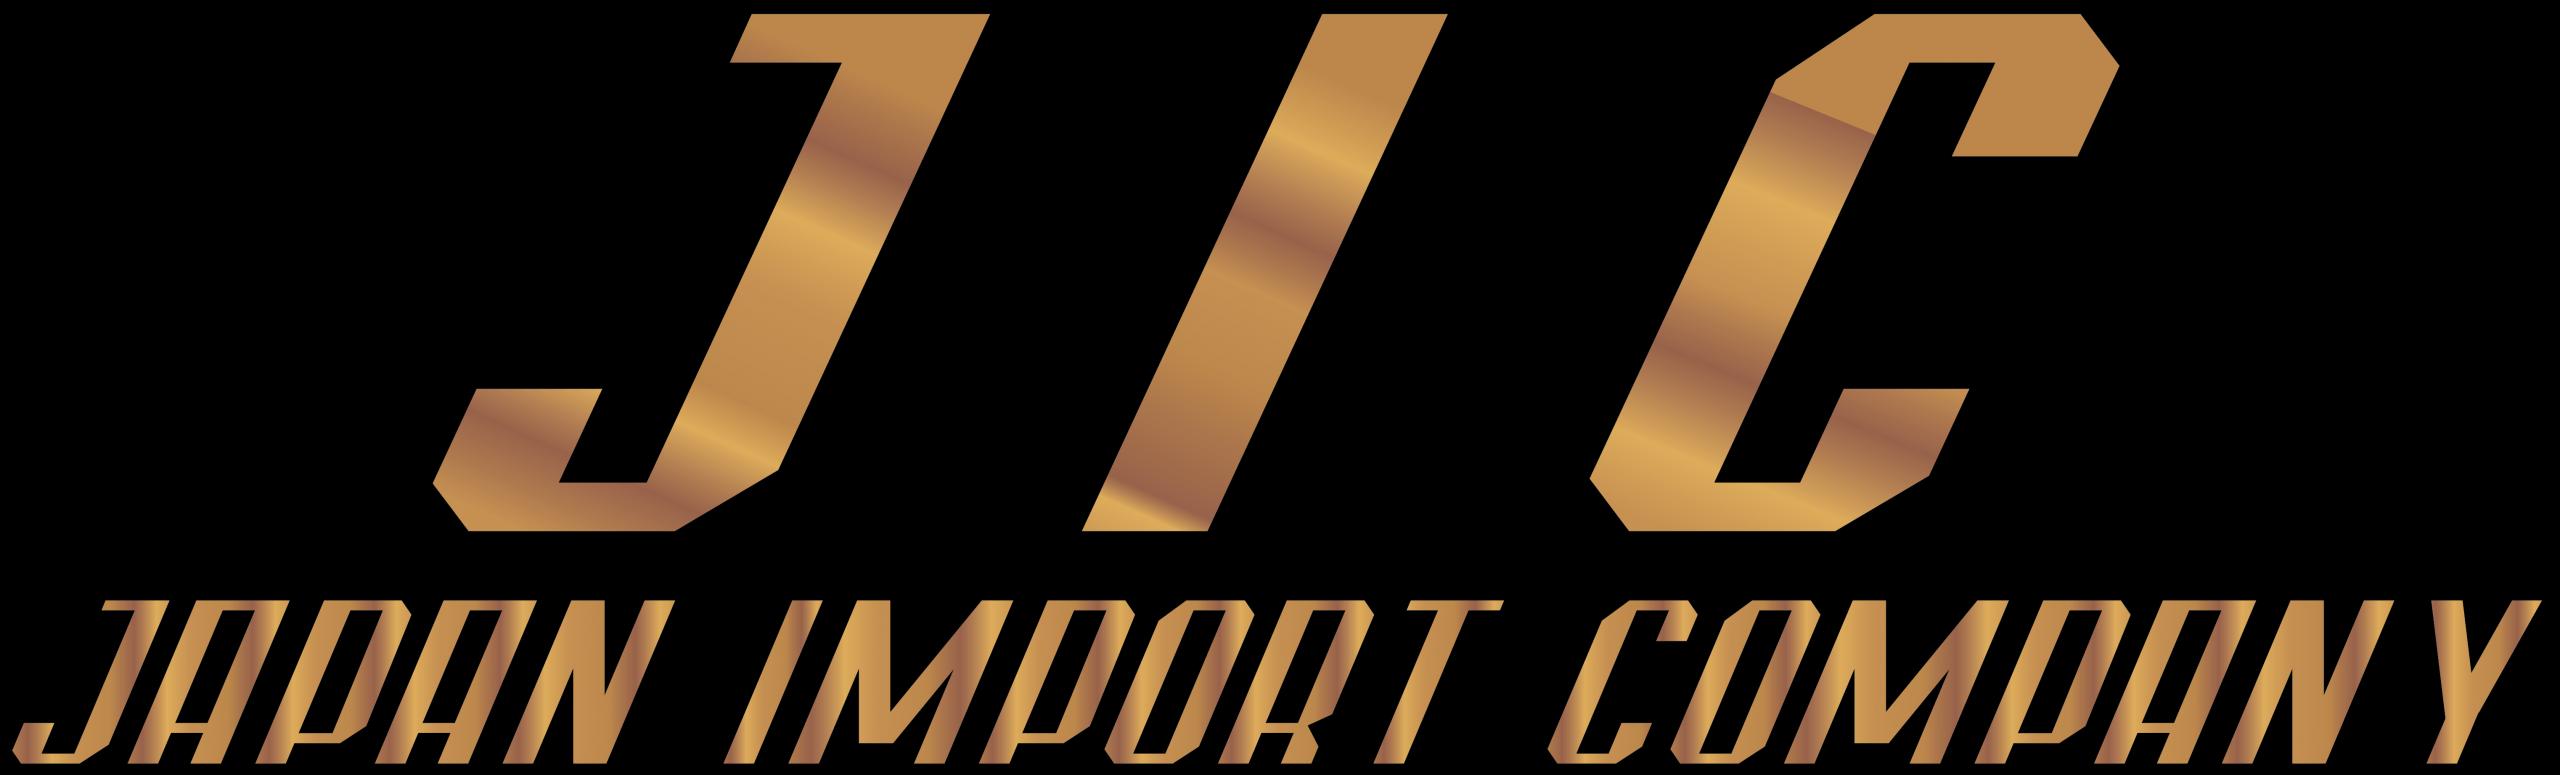 JAPAN IMPORT COMPANY